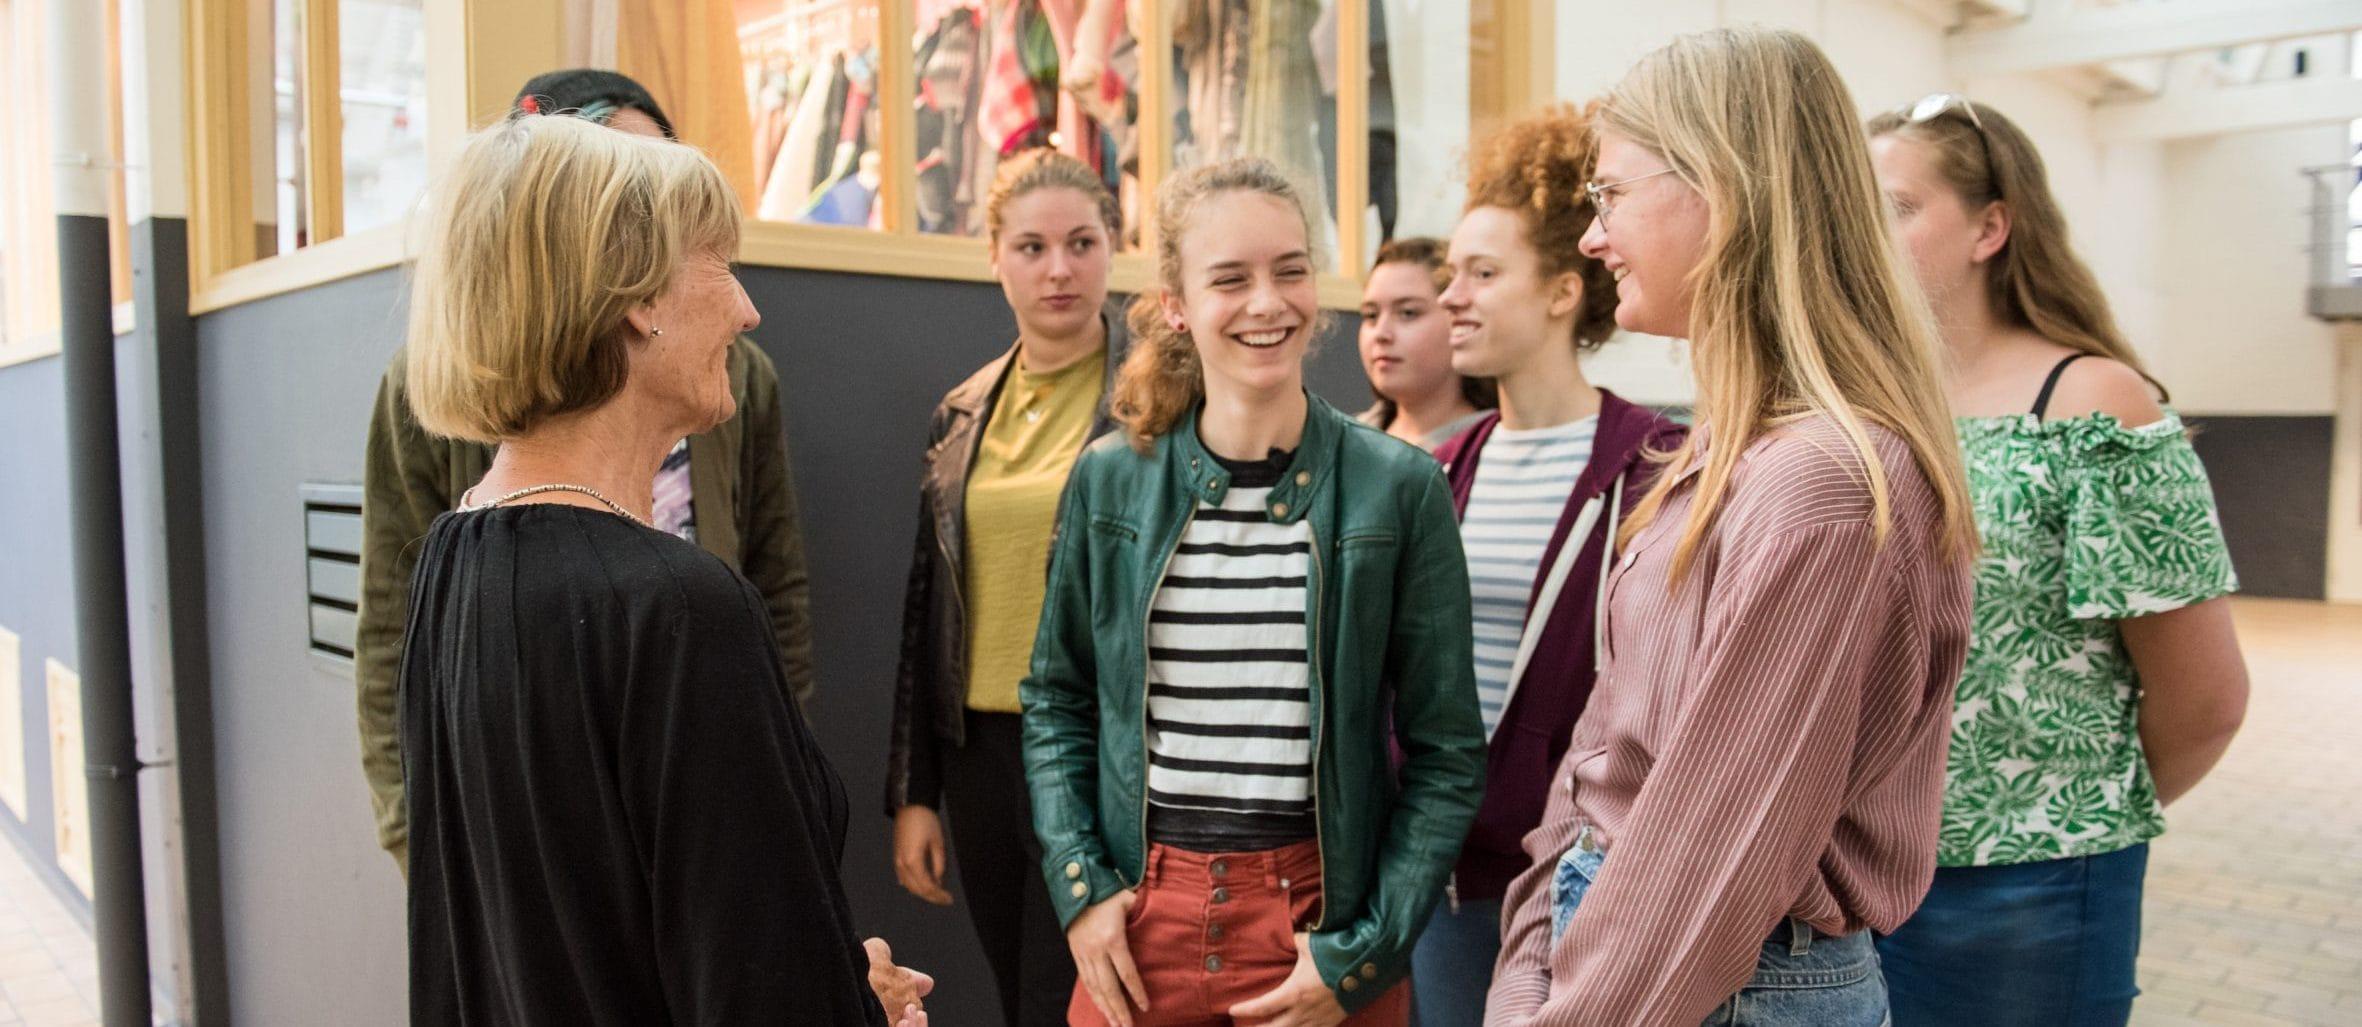 Studenten tijdens rondleiding. Foto: William van der Voort